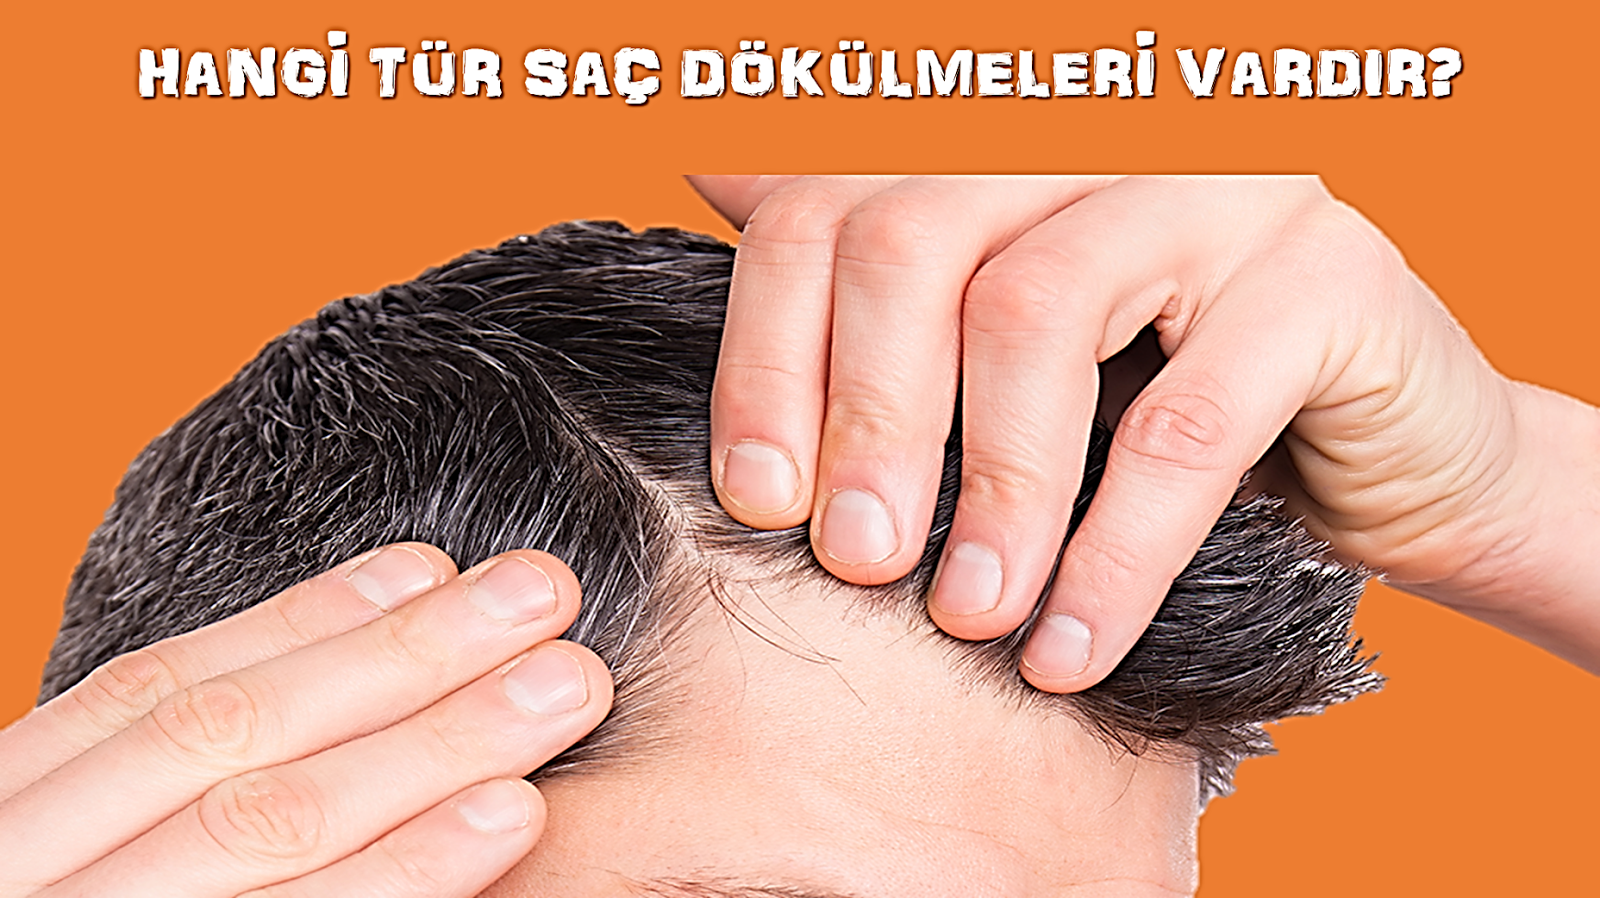 Etiket: Dökülen saçlar